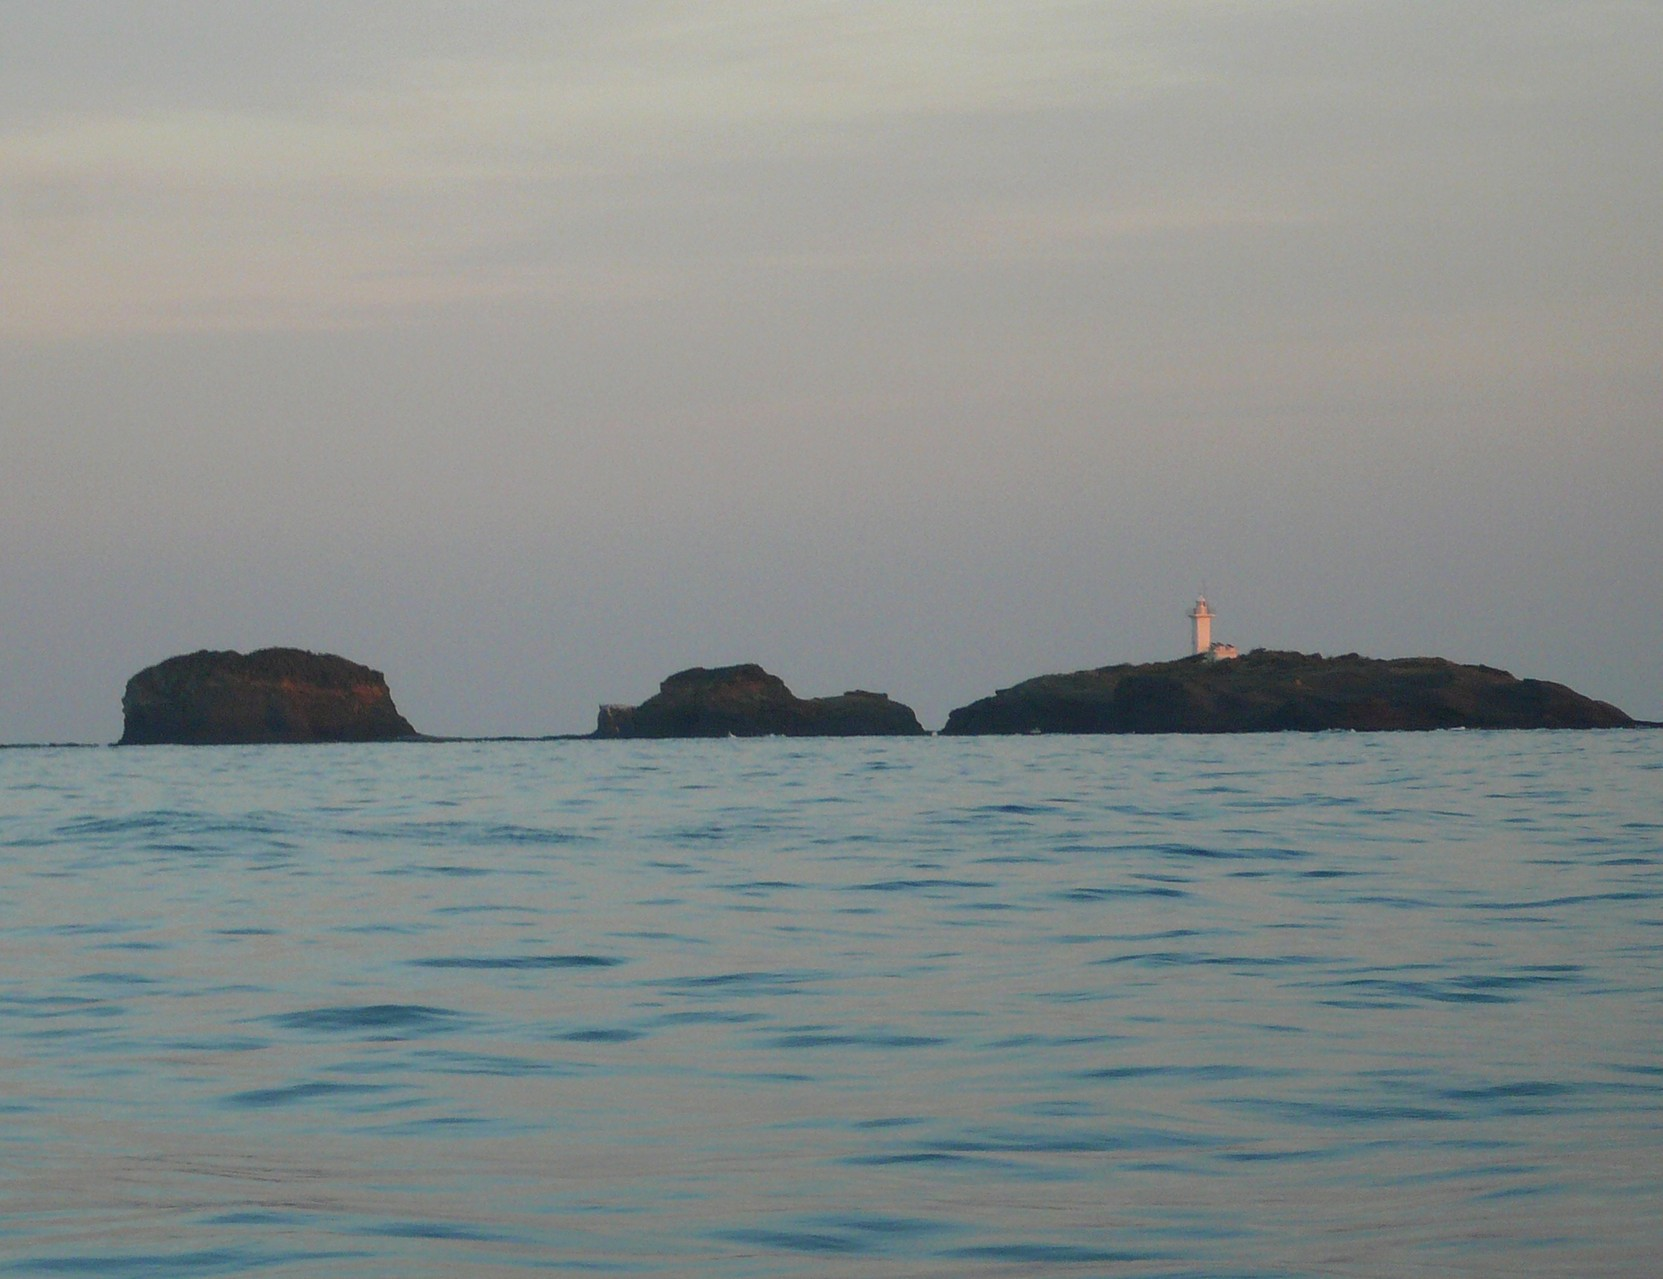 1月16日 夕日のあたる 三ツ島灯台